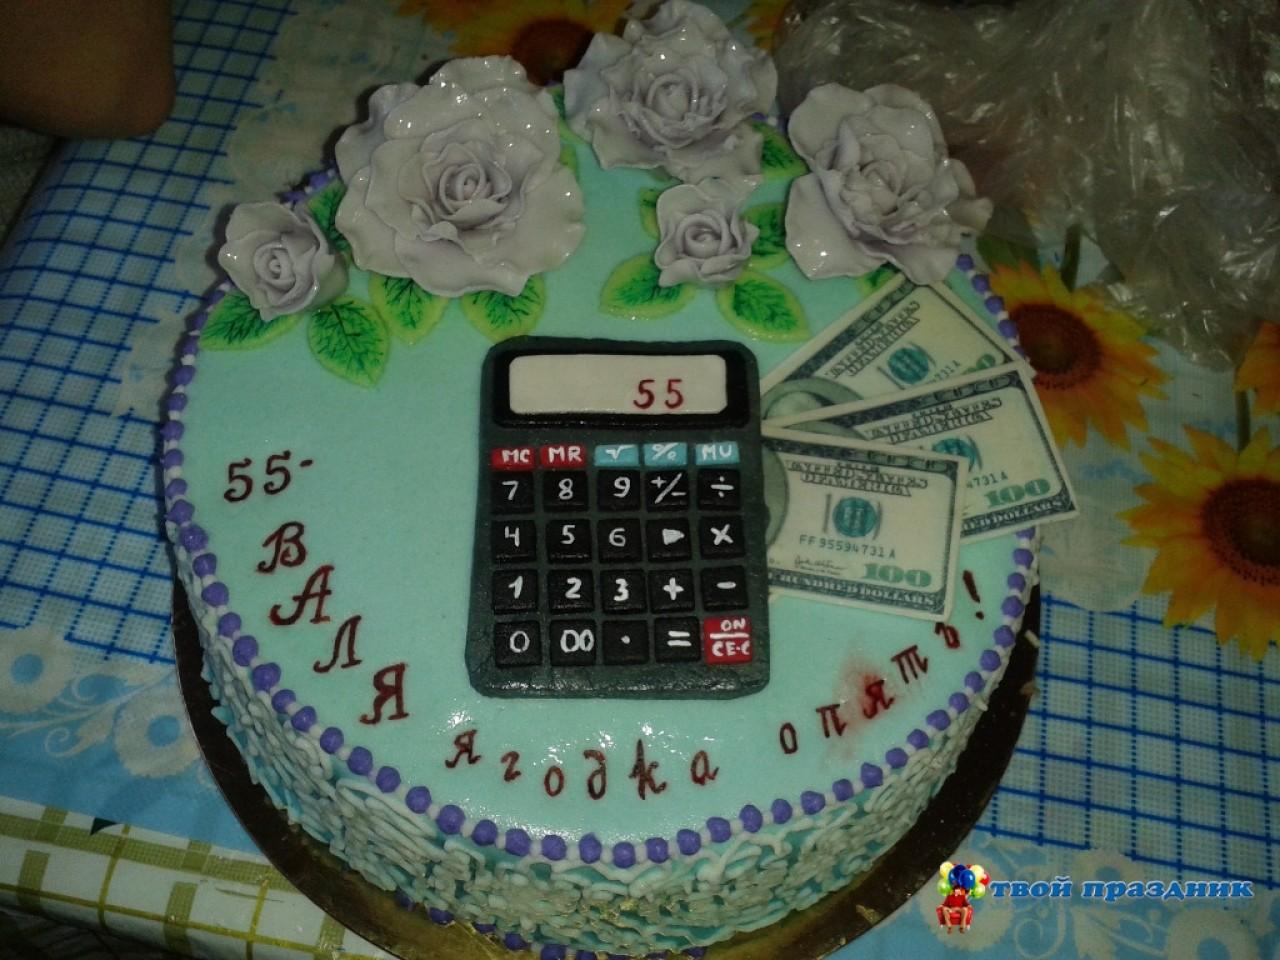 Поздравление 55 лет главному бухгалтеру женщине